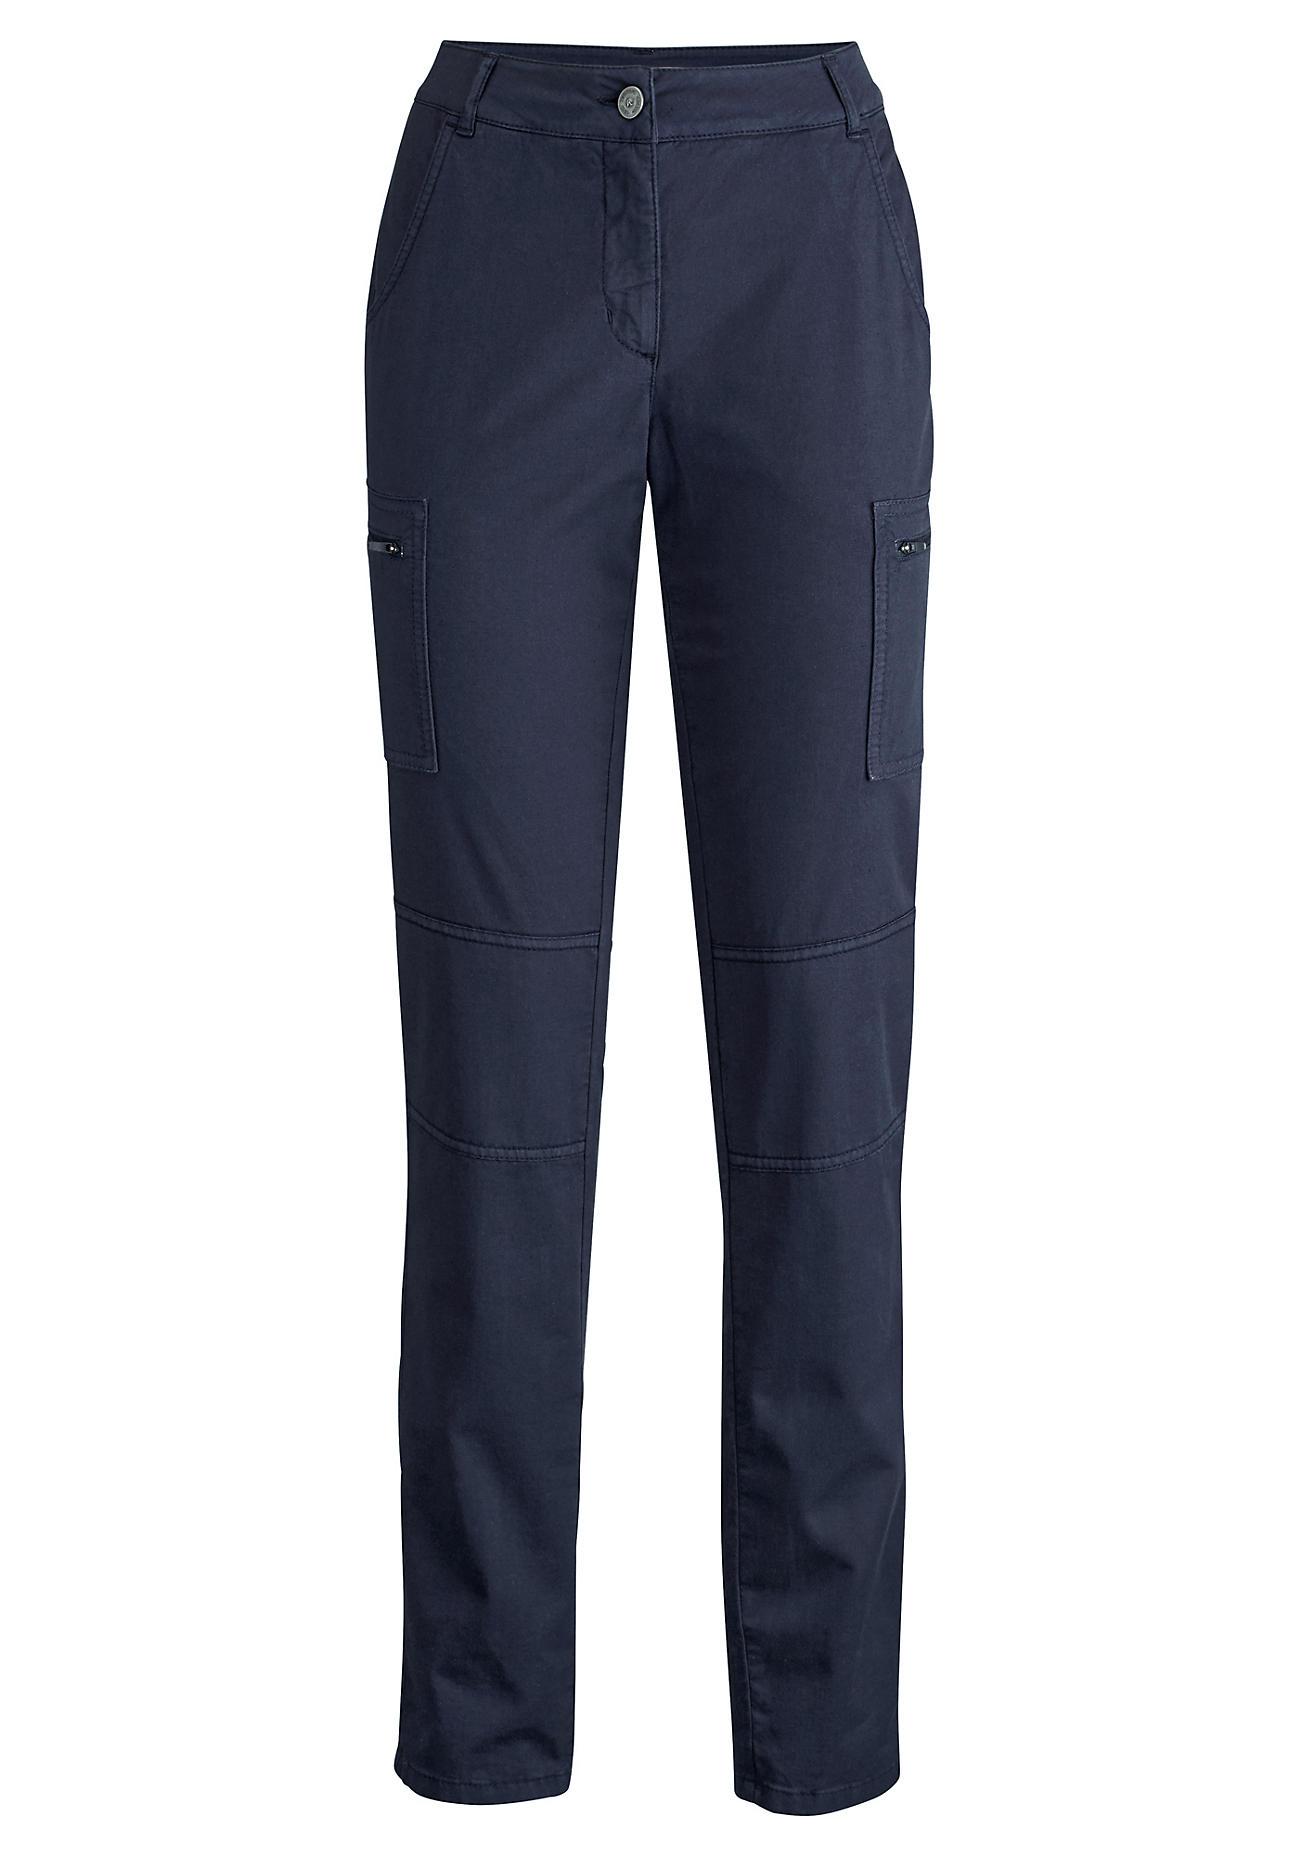 hessnatur Outdoor Damen Cargo-Hose aus Bio-Baumwolle mit Leinen und Elasthan – blau – Größe 36